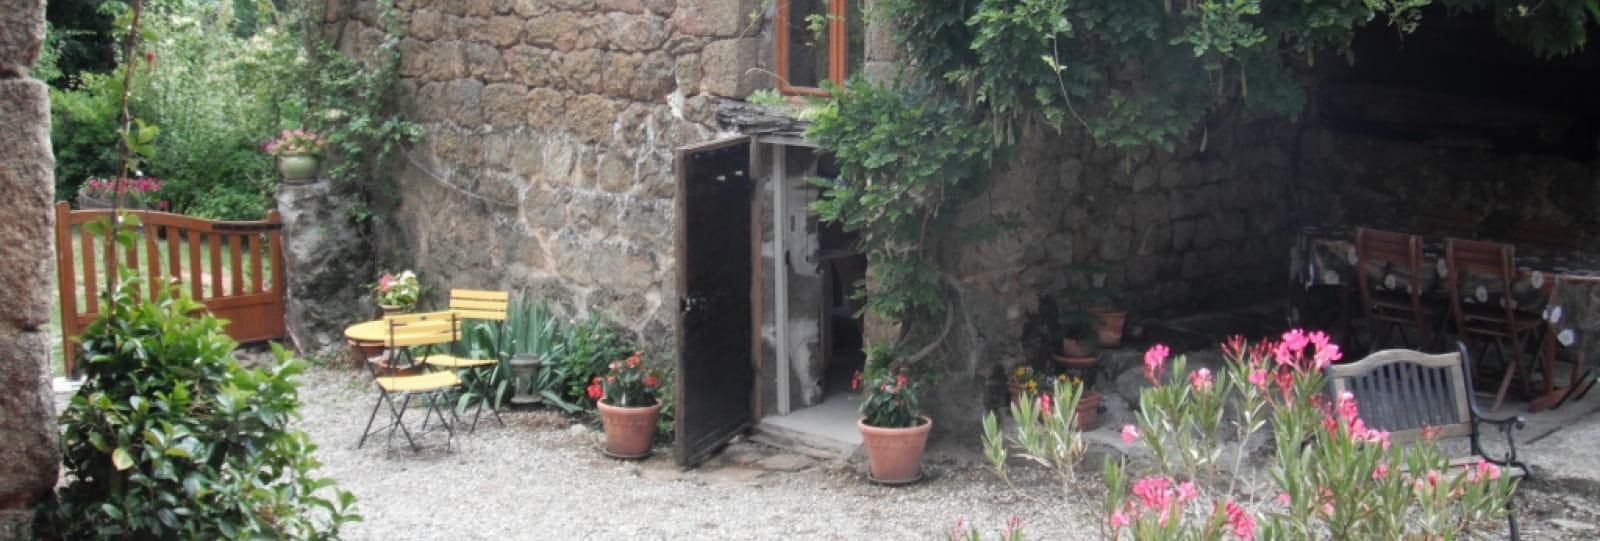 Gîte Petit Estancòt extérieur